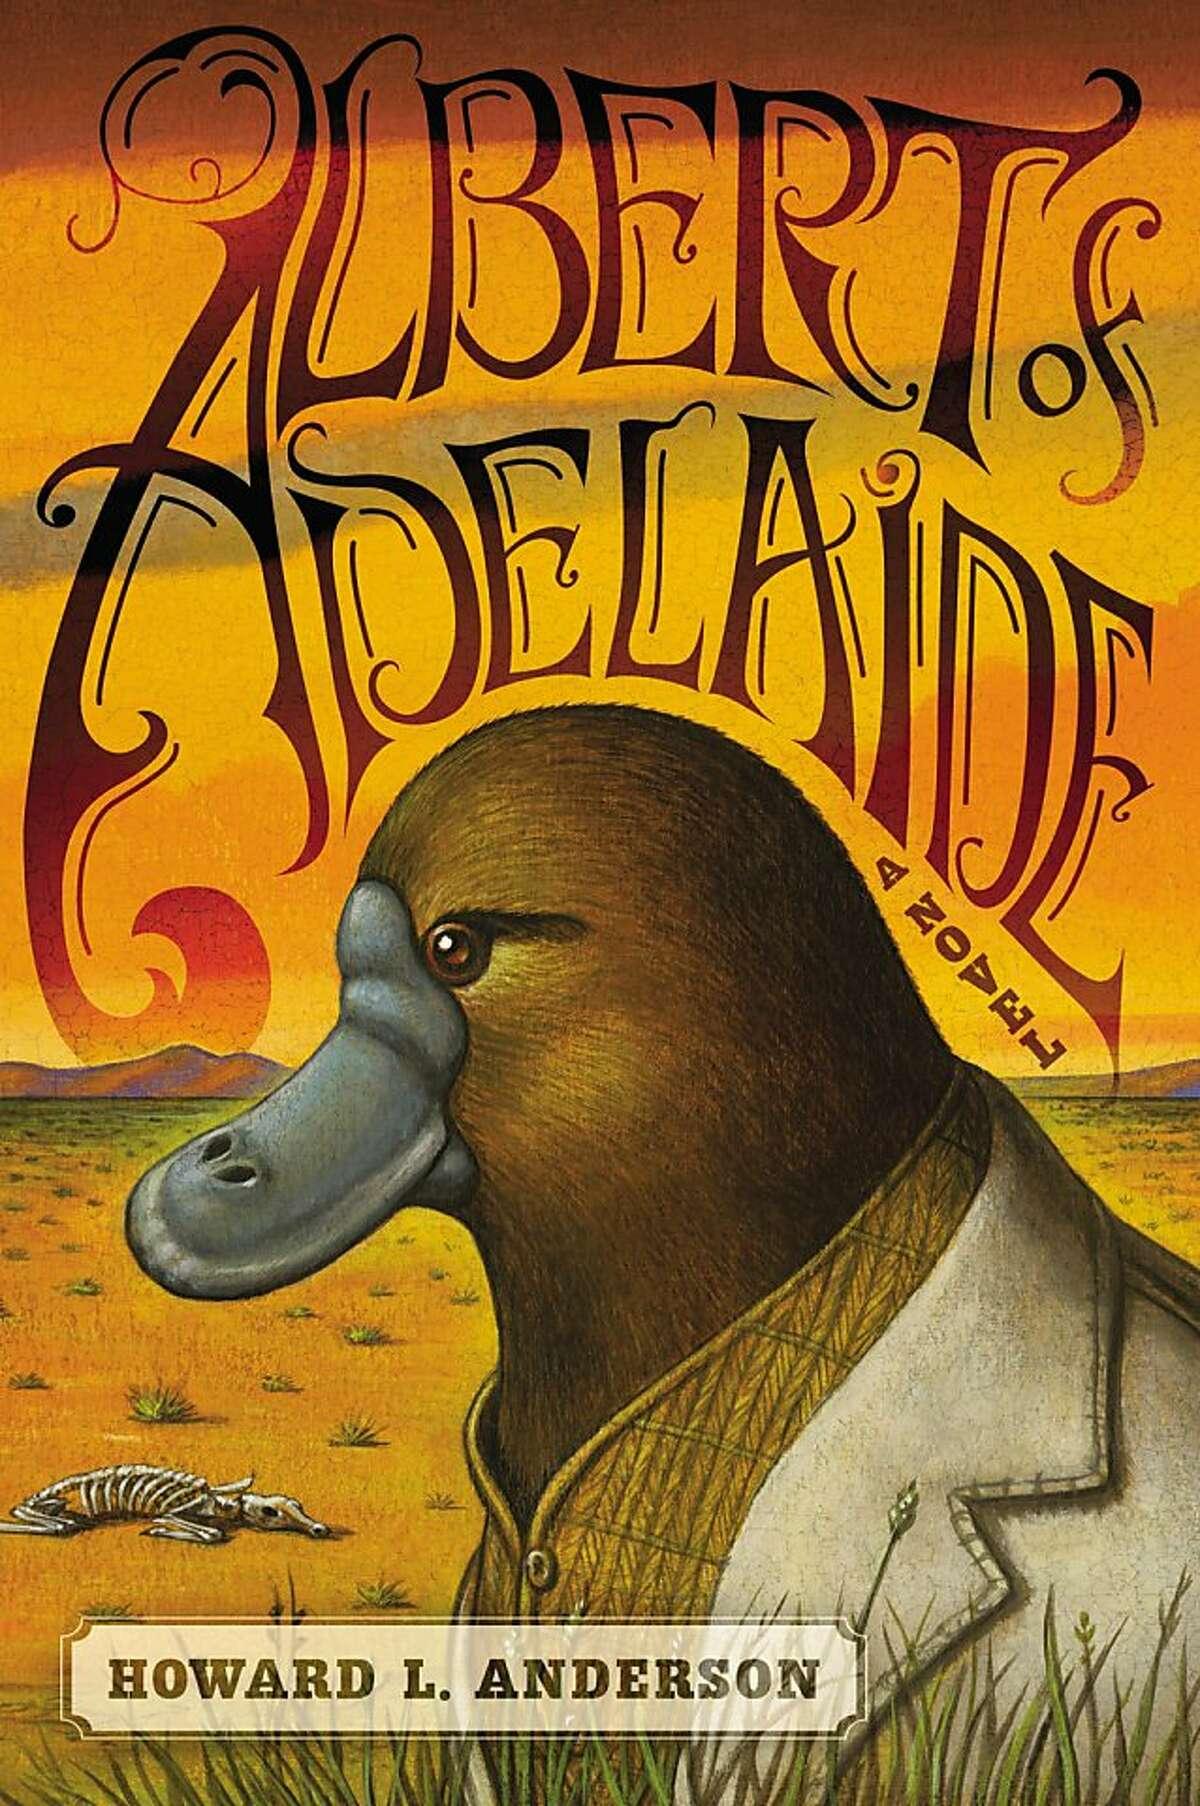 Albert of Adelaide, by Howard L. Anderson